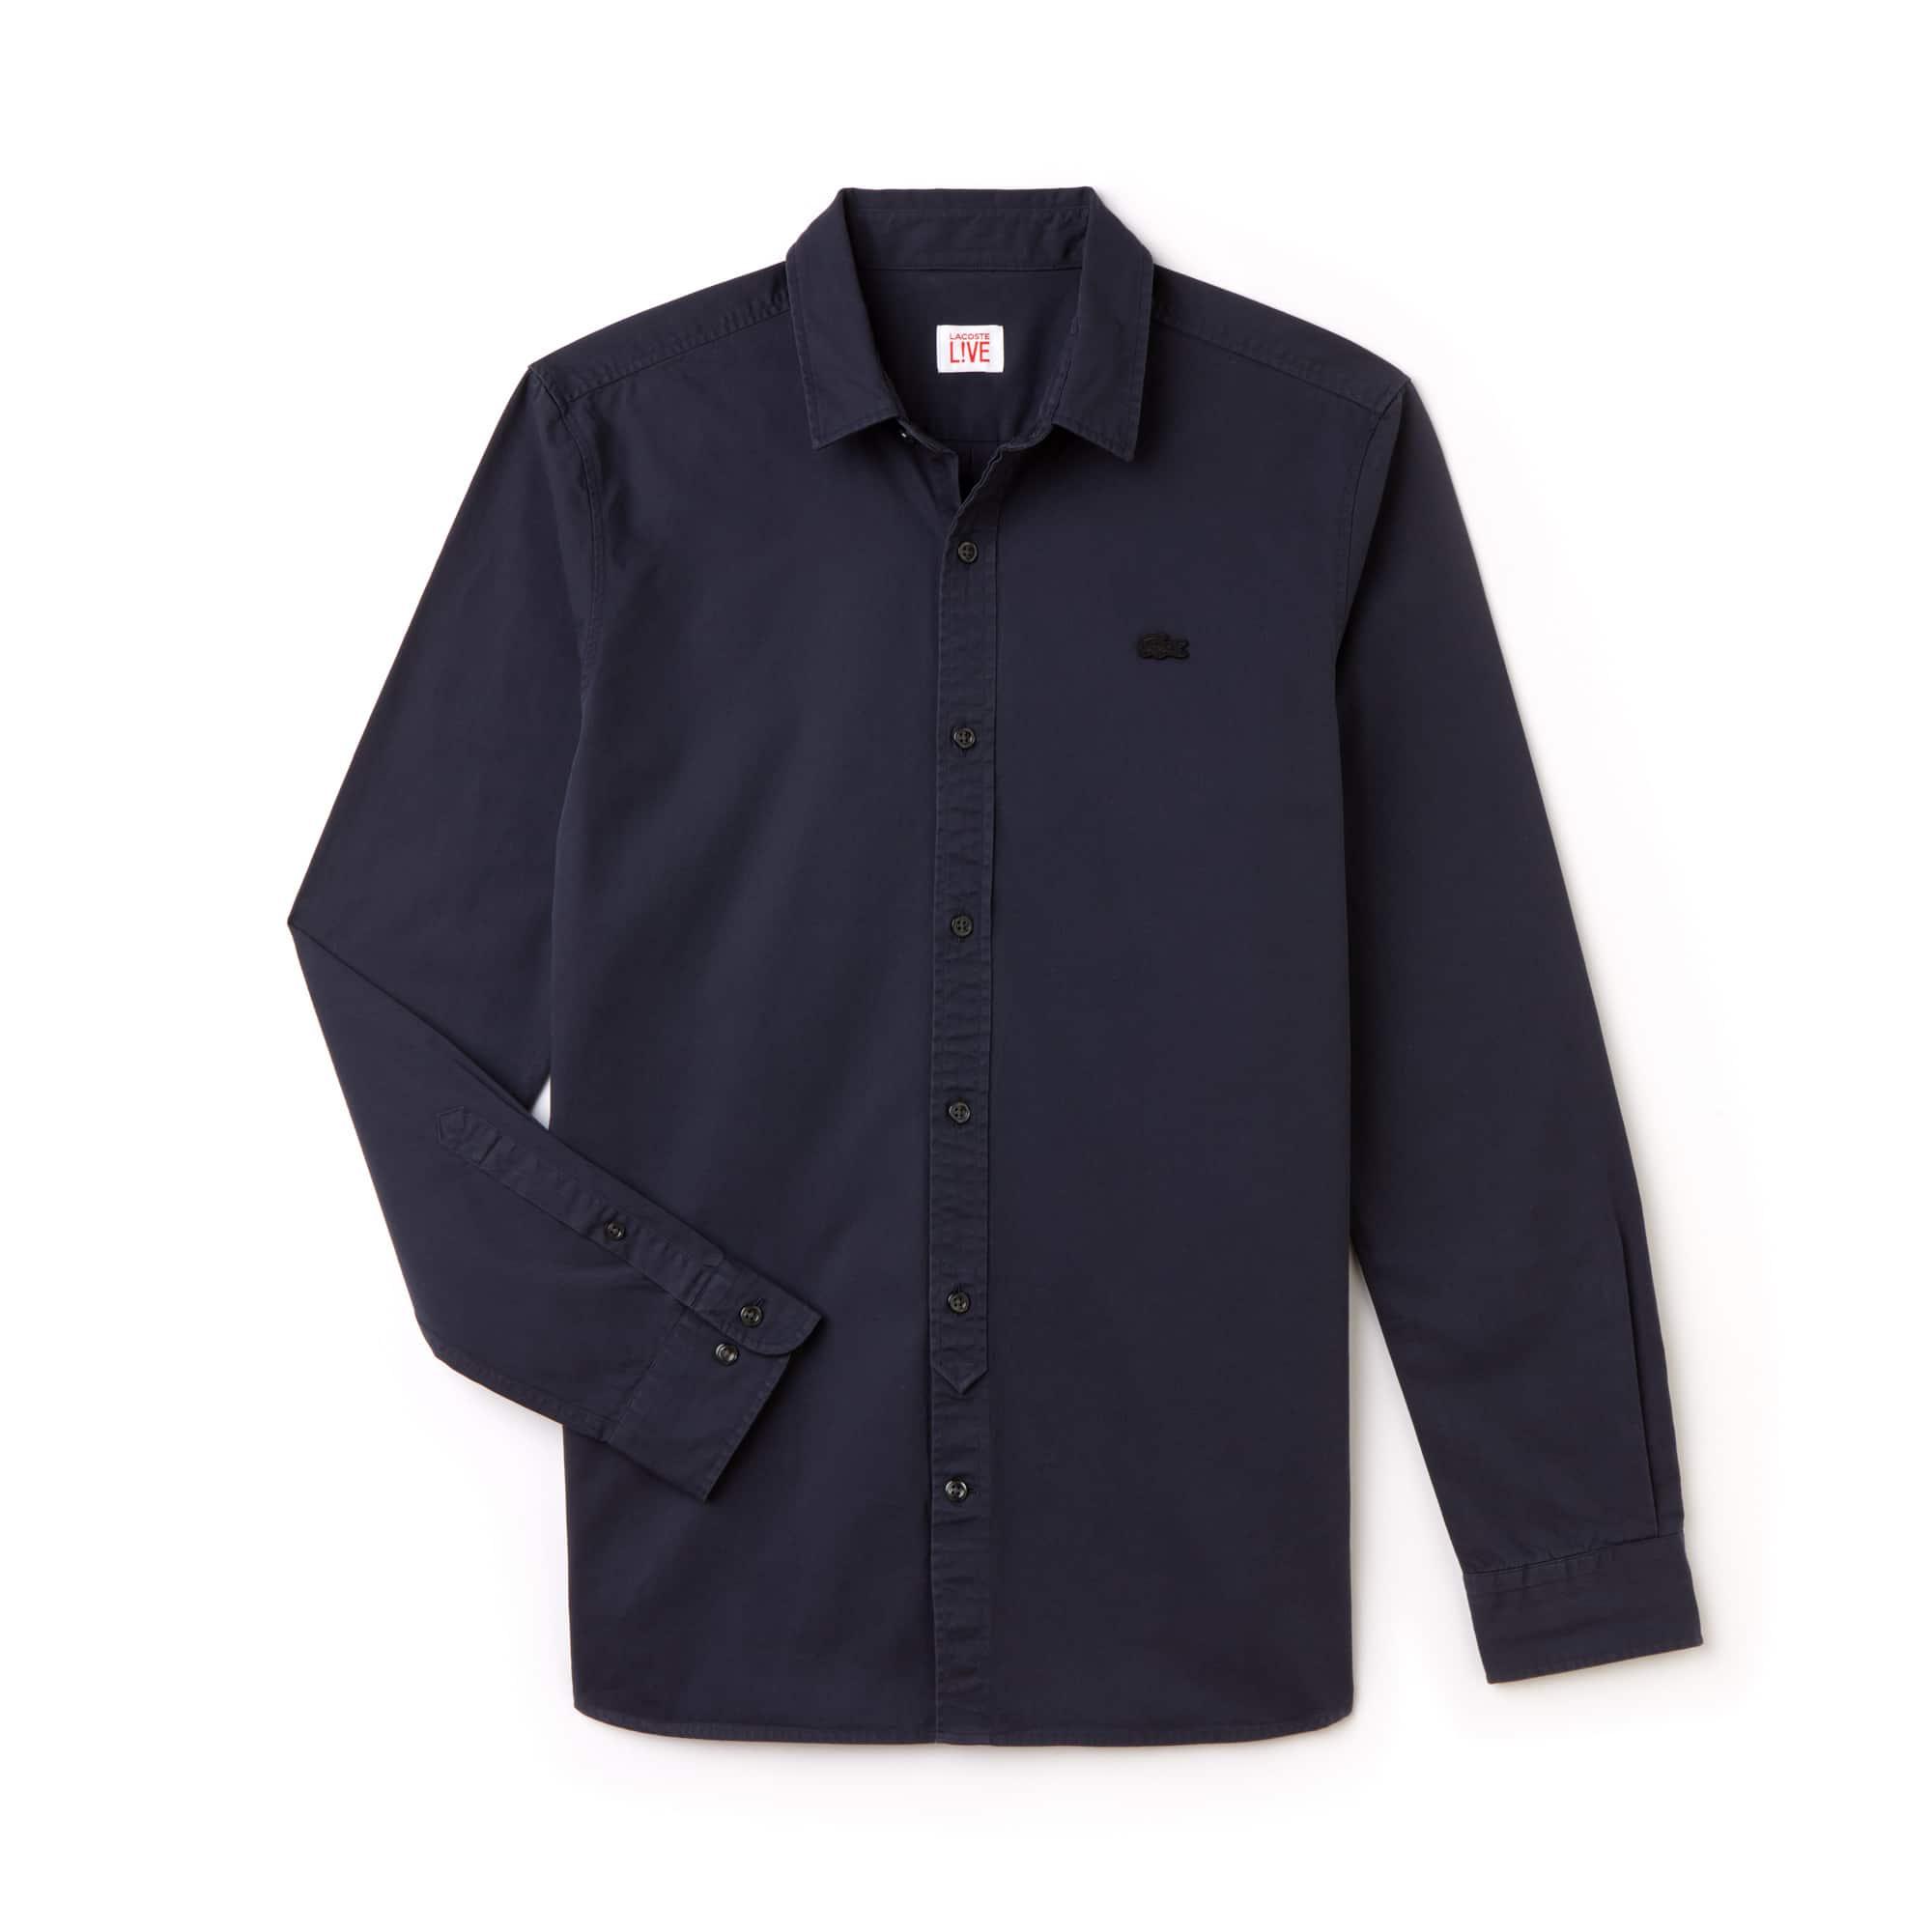 Camisa de hombre Lacoste LIVE skinny fit en popelín de algodón